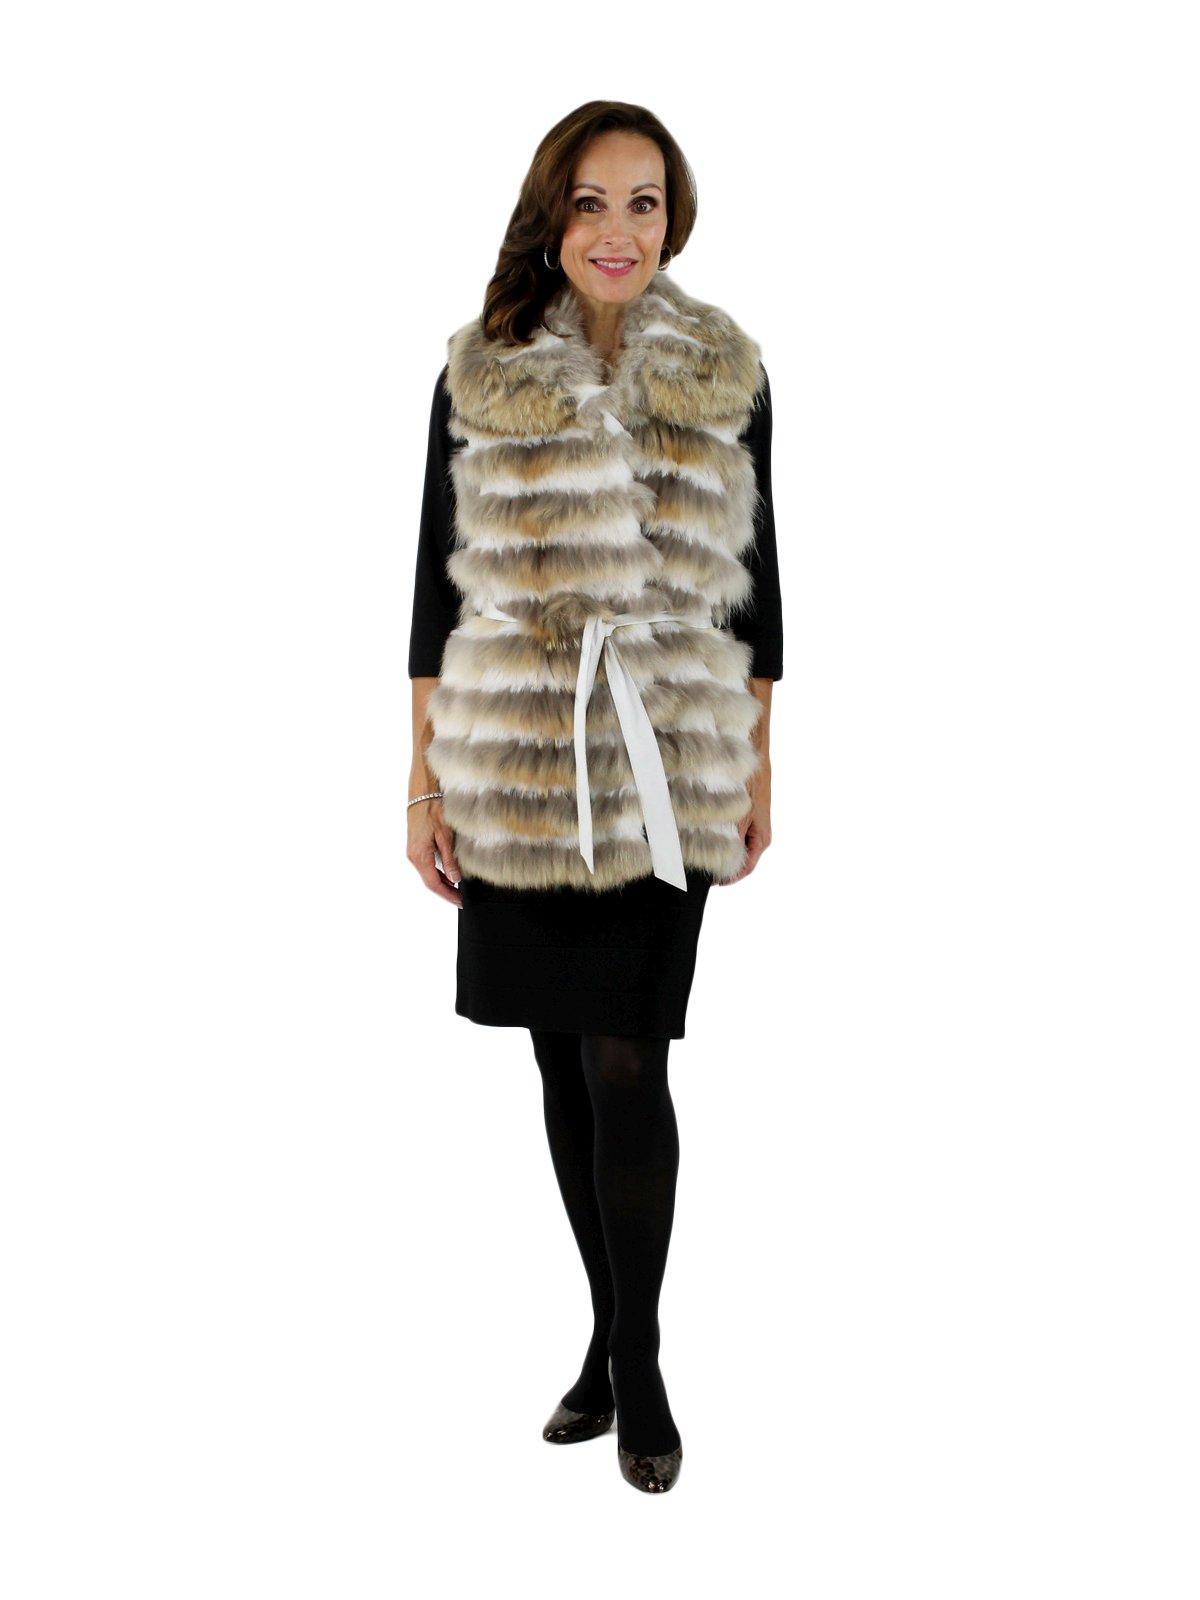 Coyote Fur Coat Womens Large Estate Furs >> Coyote Fur W Rabbit Vest Women S Large Estate Furs